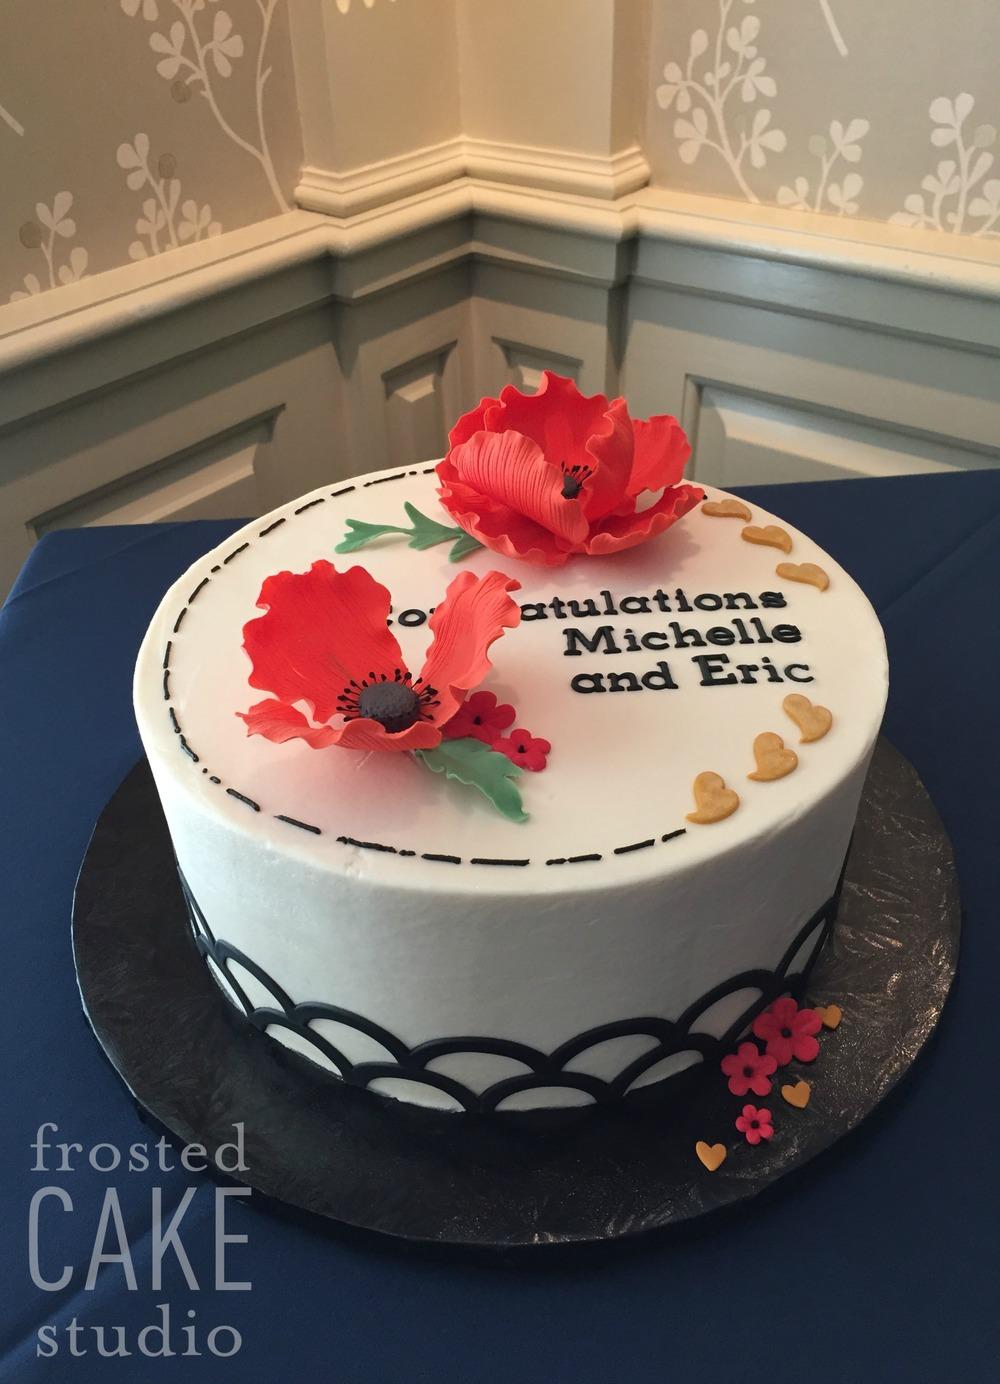 FCS Michelle's shower cake 4:2016.jpg